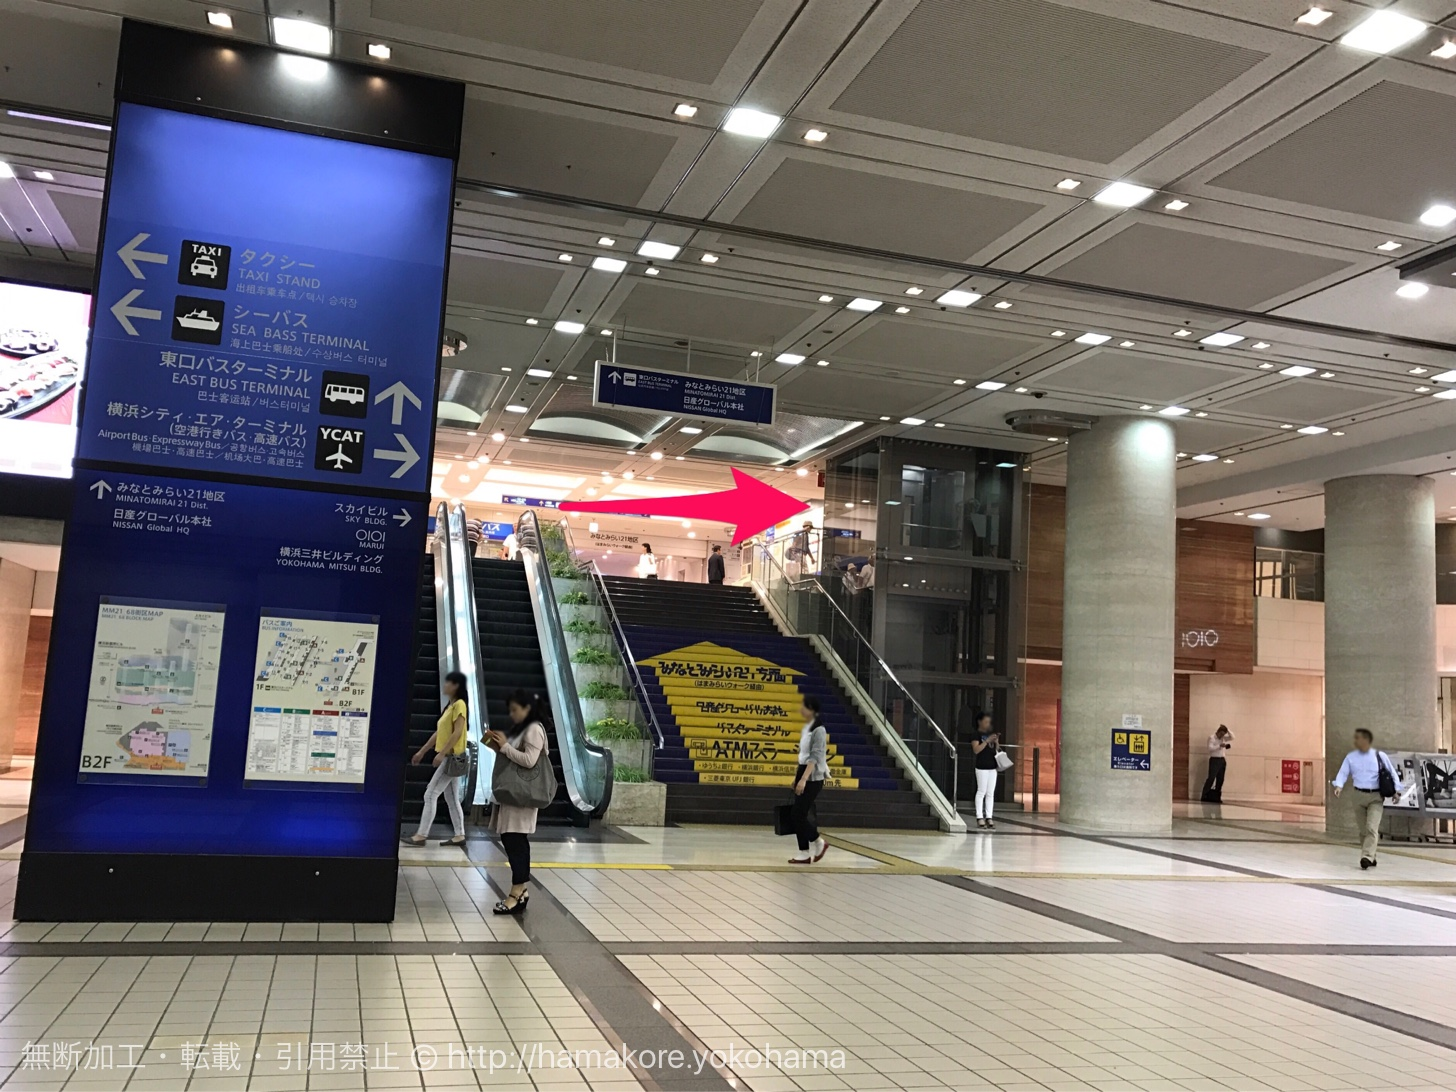 横浜駅東口から乗り場Aに行く道順